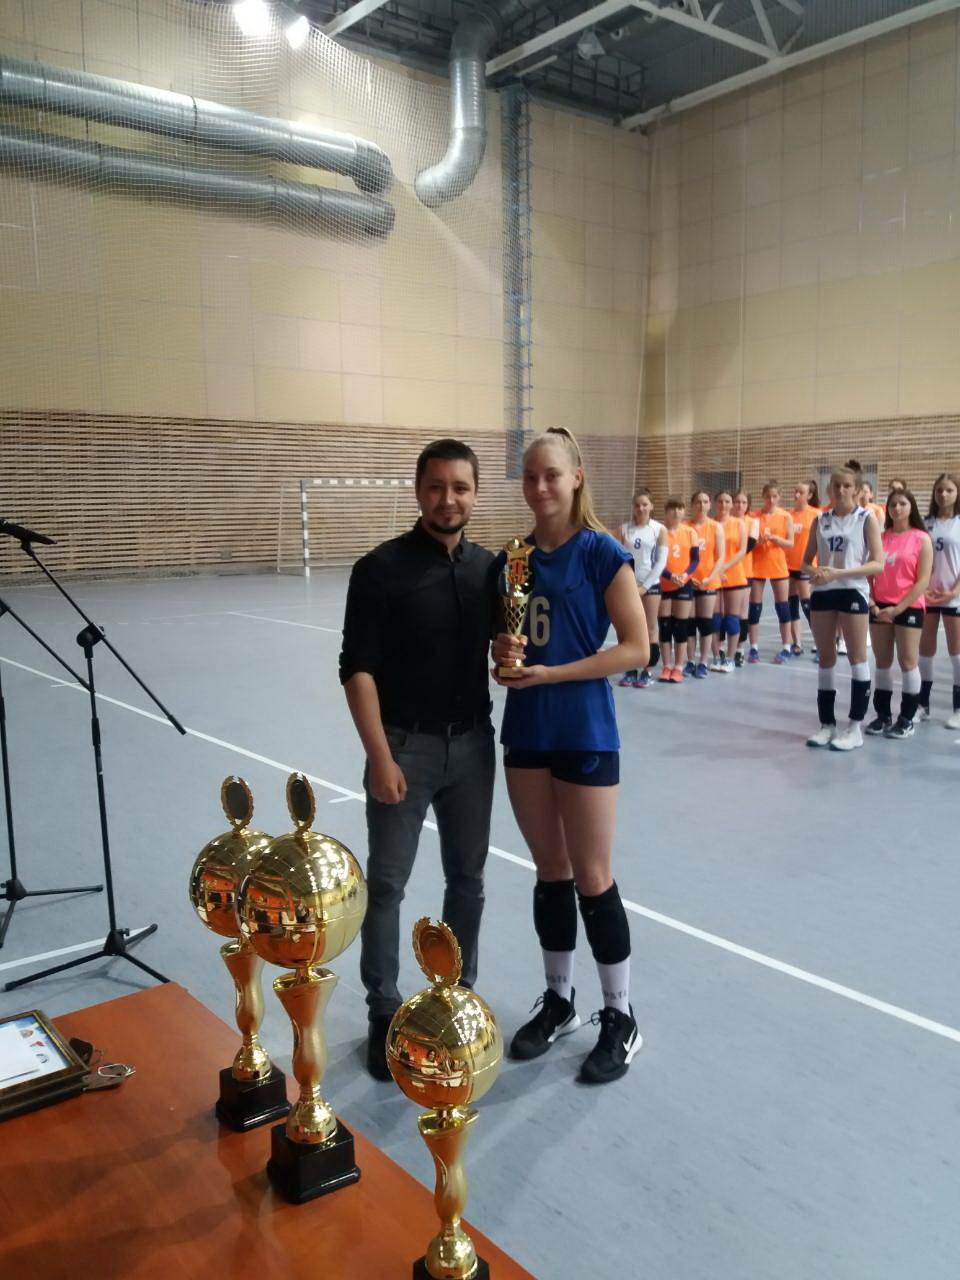 Команда из Бобруйска заняла 3 место в первенстве детско-юношеской волейбольной лиги «Мяч над сеткой»